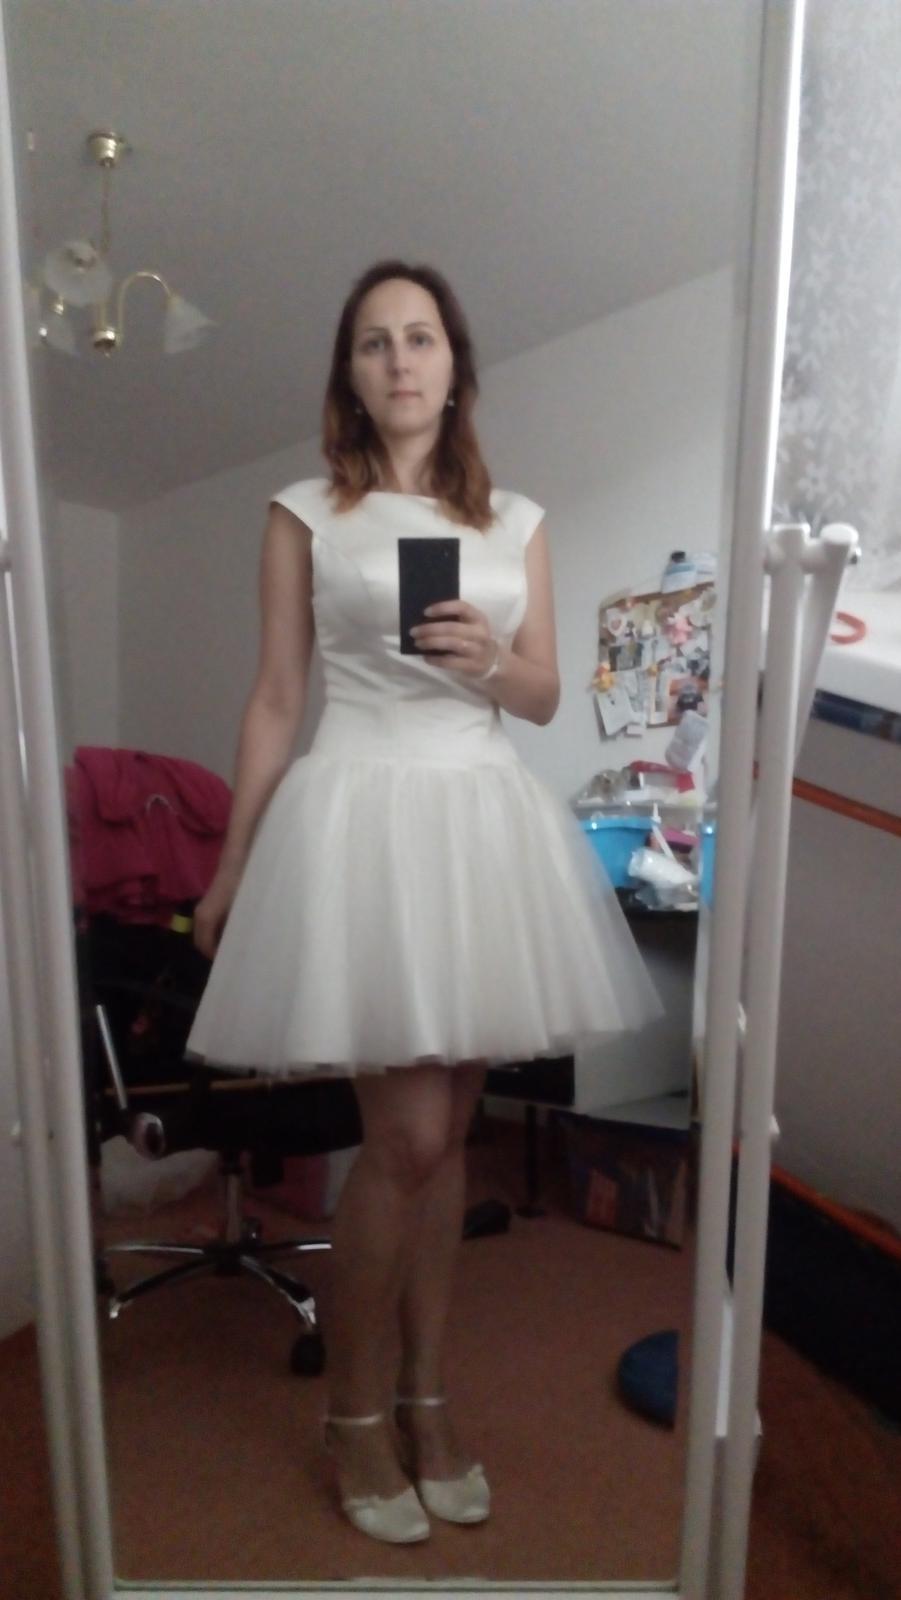 Budoucí nevěsty, konečně jsem se rozhodla a s velmi těžkým srdcem prodám své šatičky na převlečení a svatební botičky. Kdybyste některá měla zájem, koukněte do bazárku. Mně přinesly štěstí, tak bych je ráda poslala dál :) - Obrázek č. 1